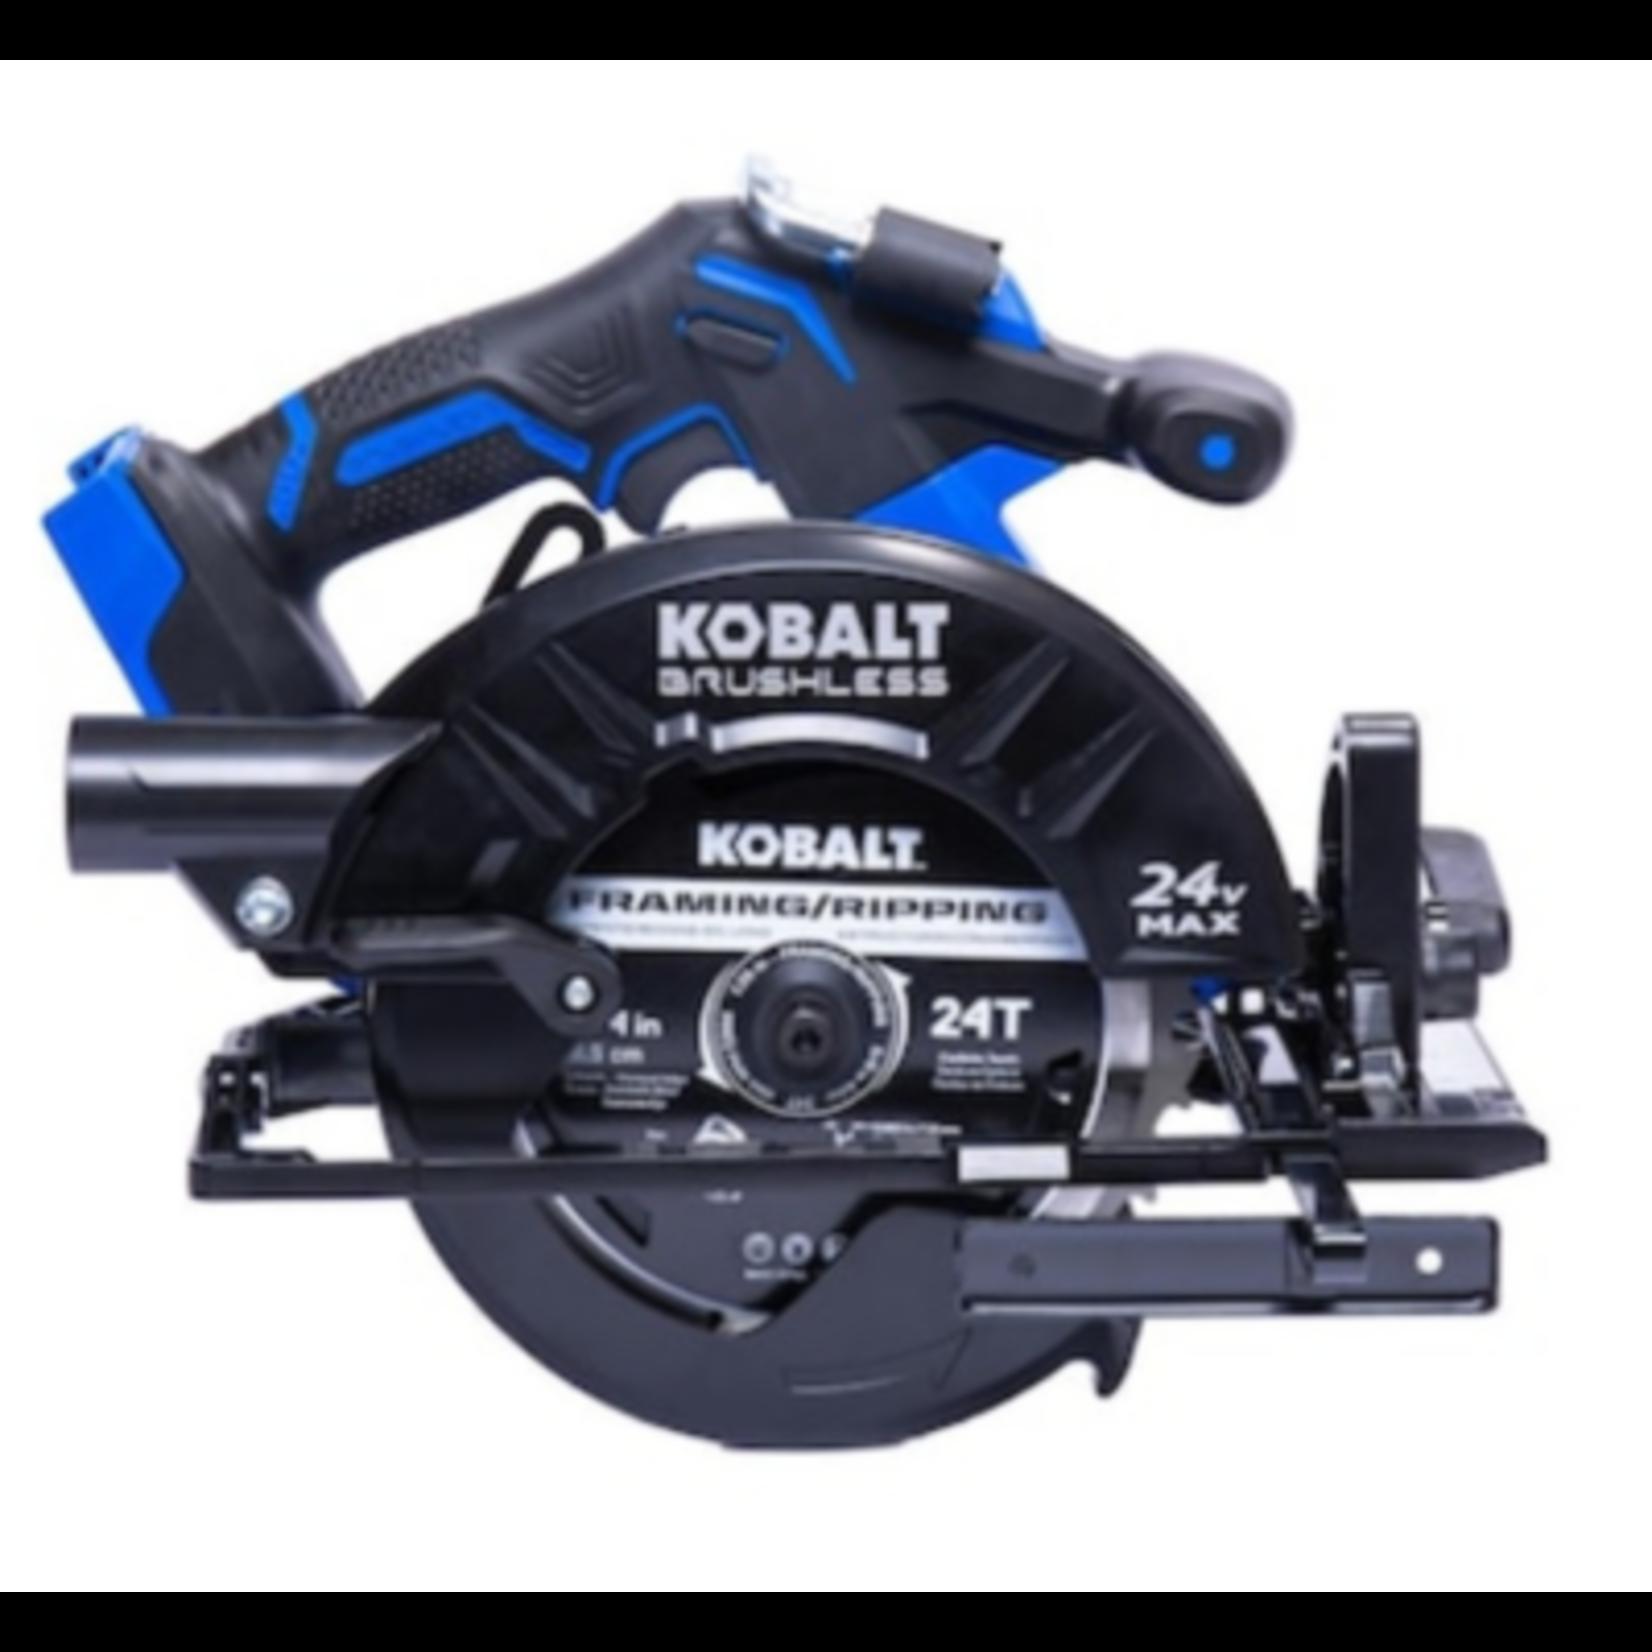 6920 Kobalt XTR Brushless Cordless Circular Saw